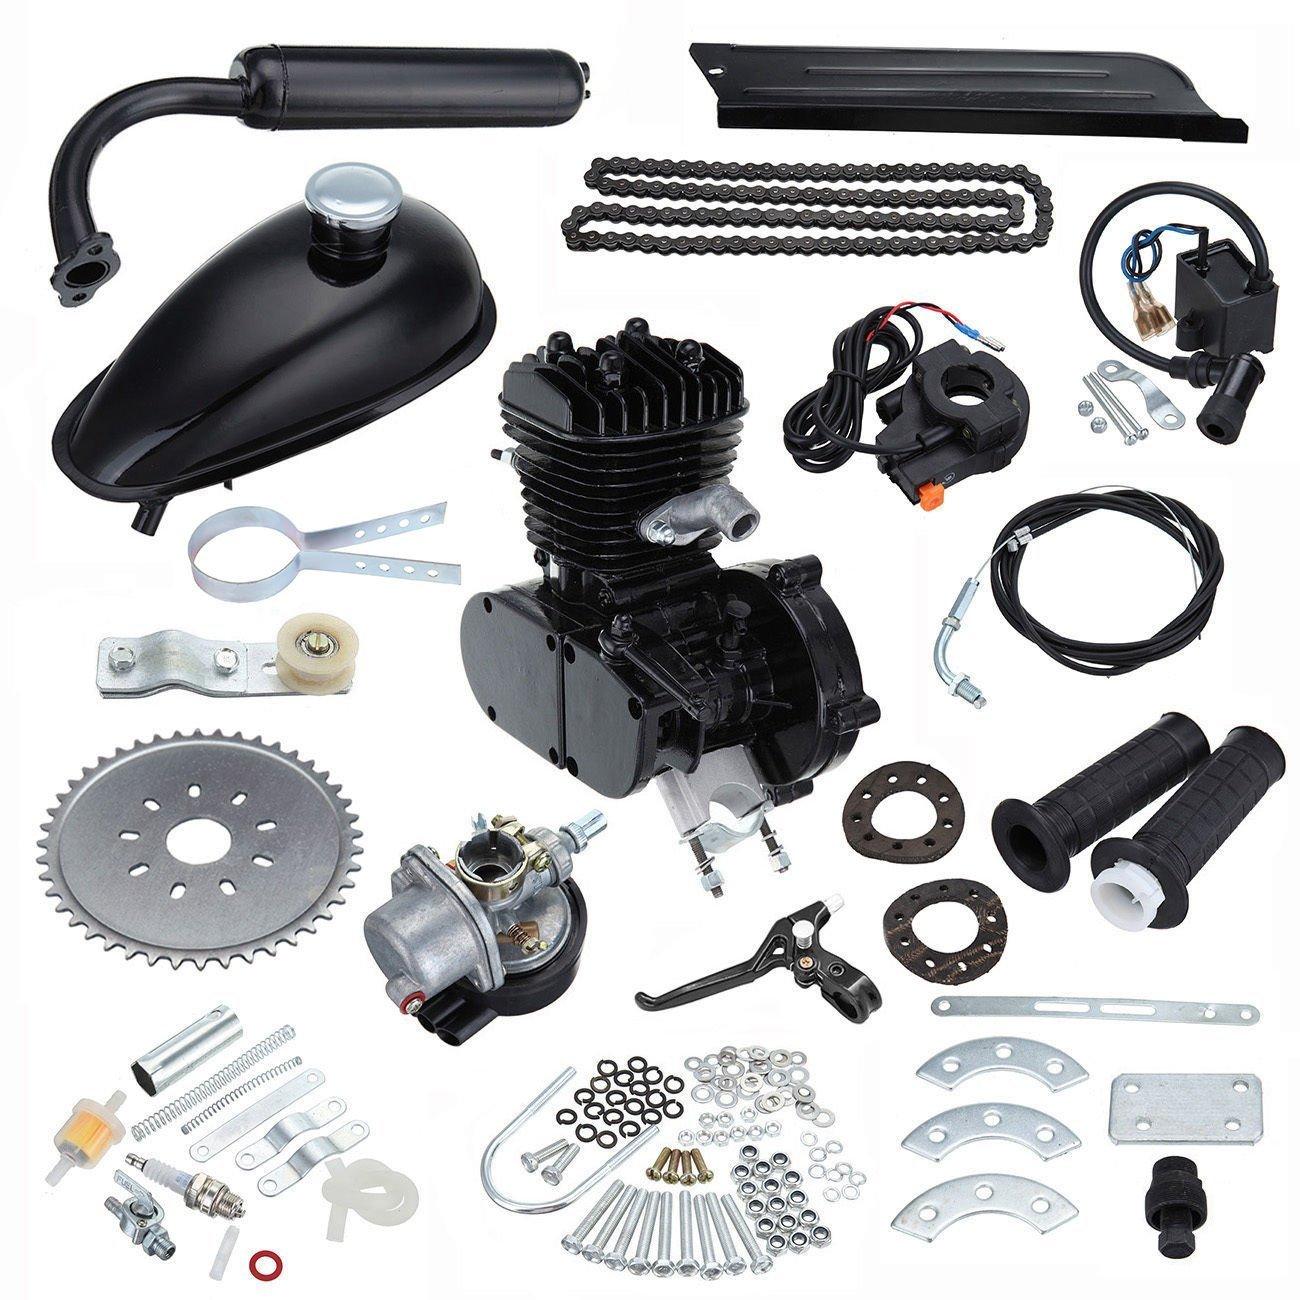 Ambienceo Motor Bicicleta Conversión Kit para Bicicleta Motorizada (50cc Negro): Amazon.es: Deportes y aire libre